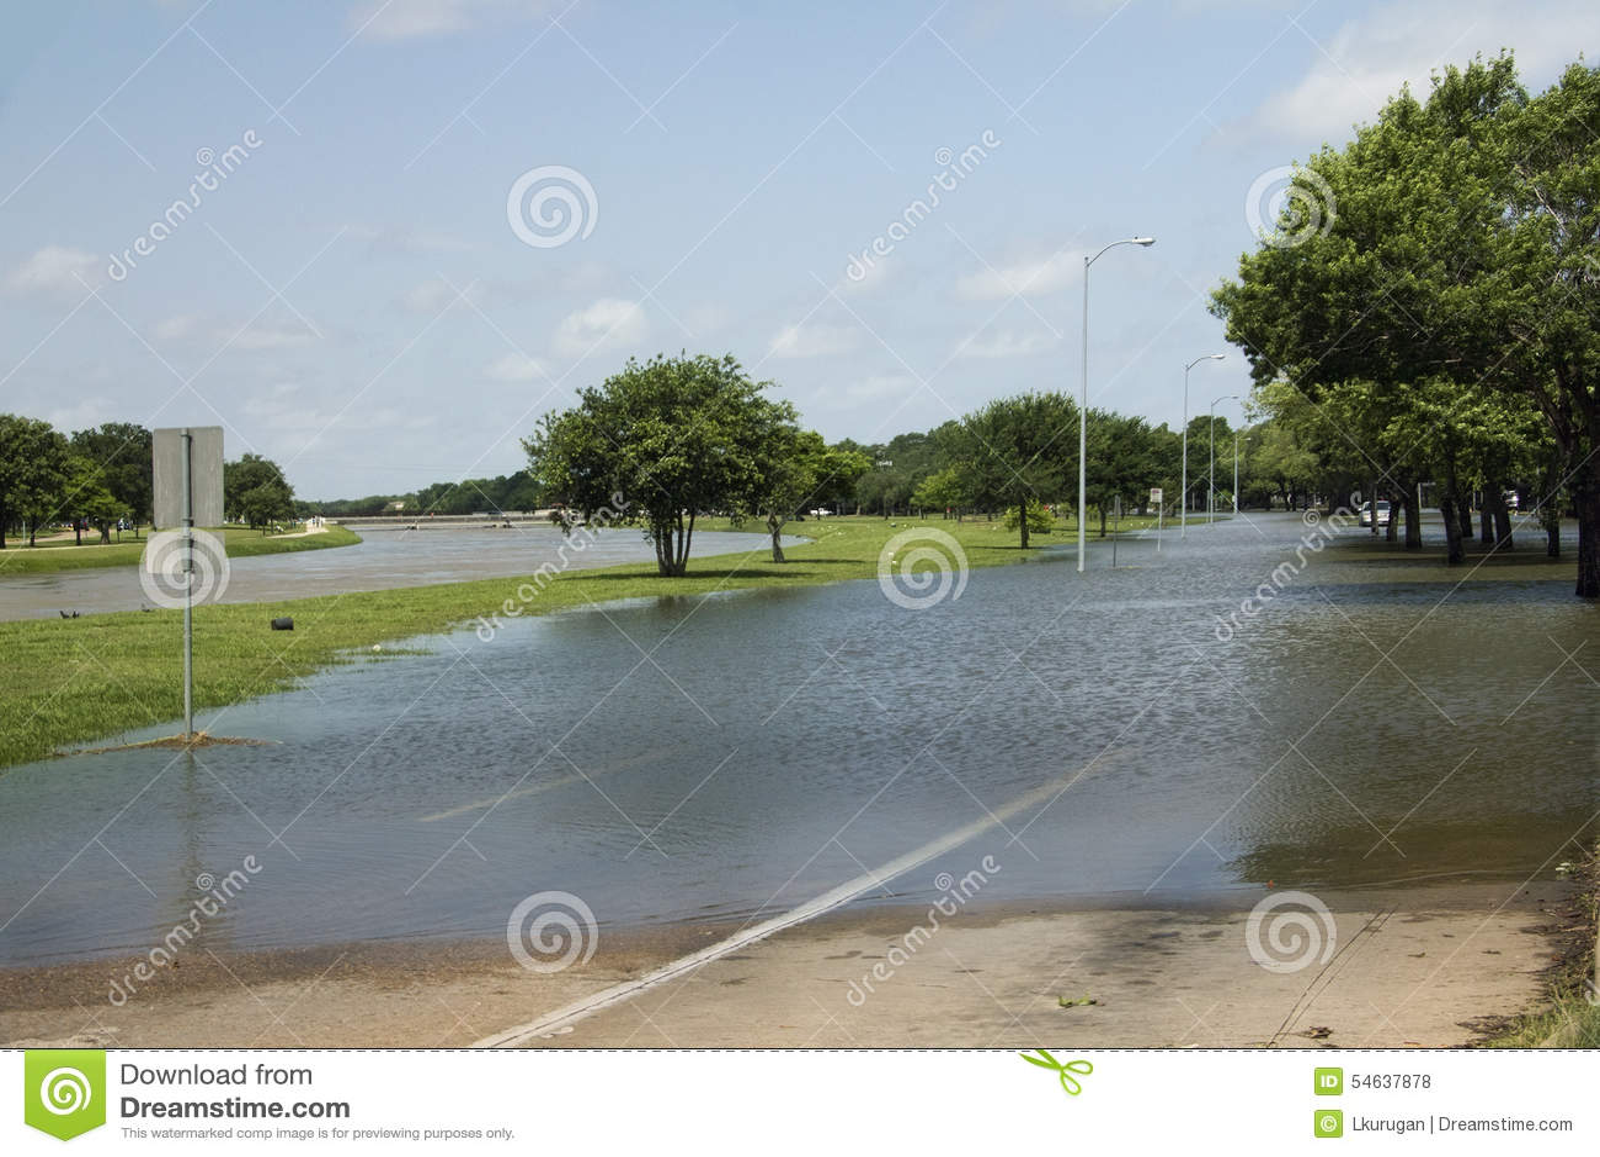 Calle inundada cerca del pantano